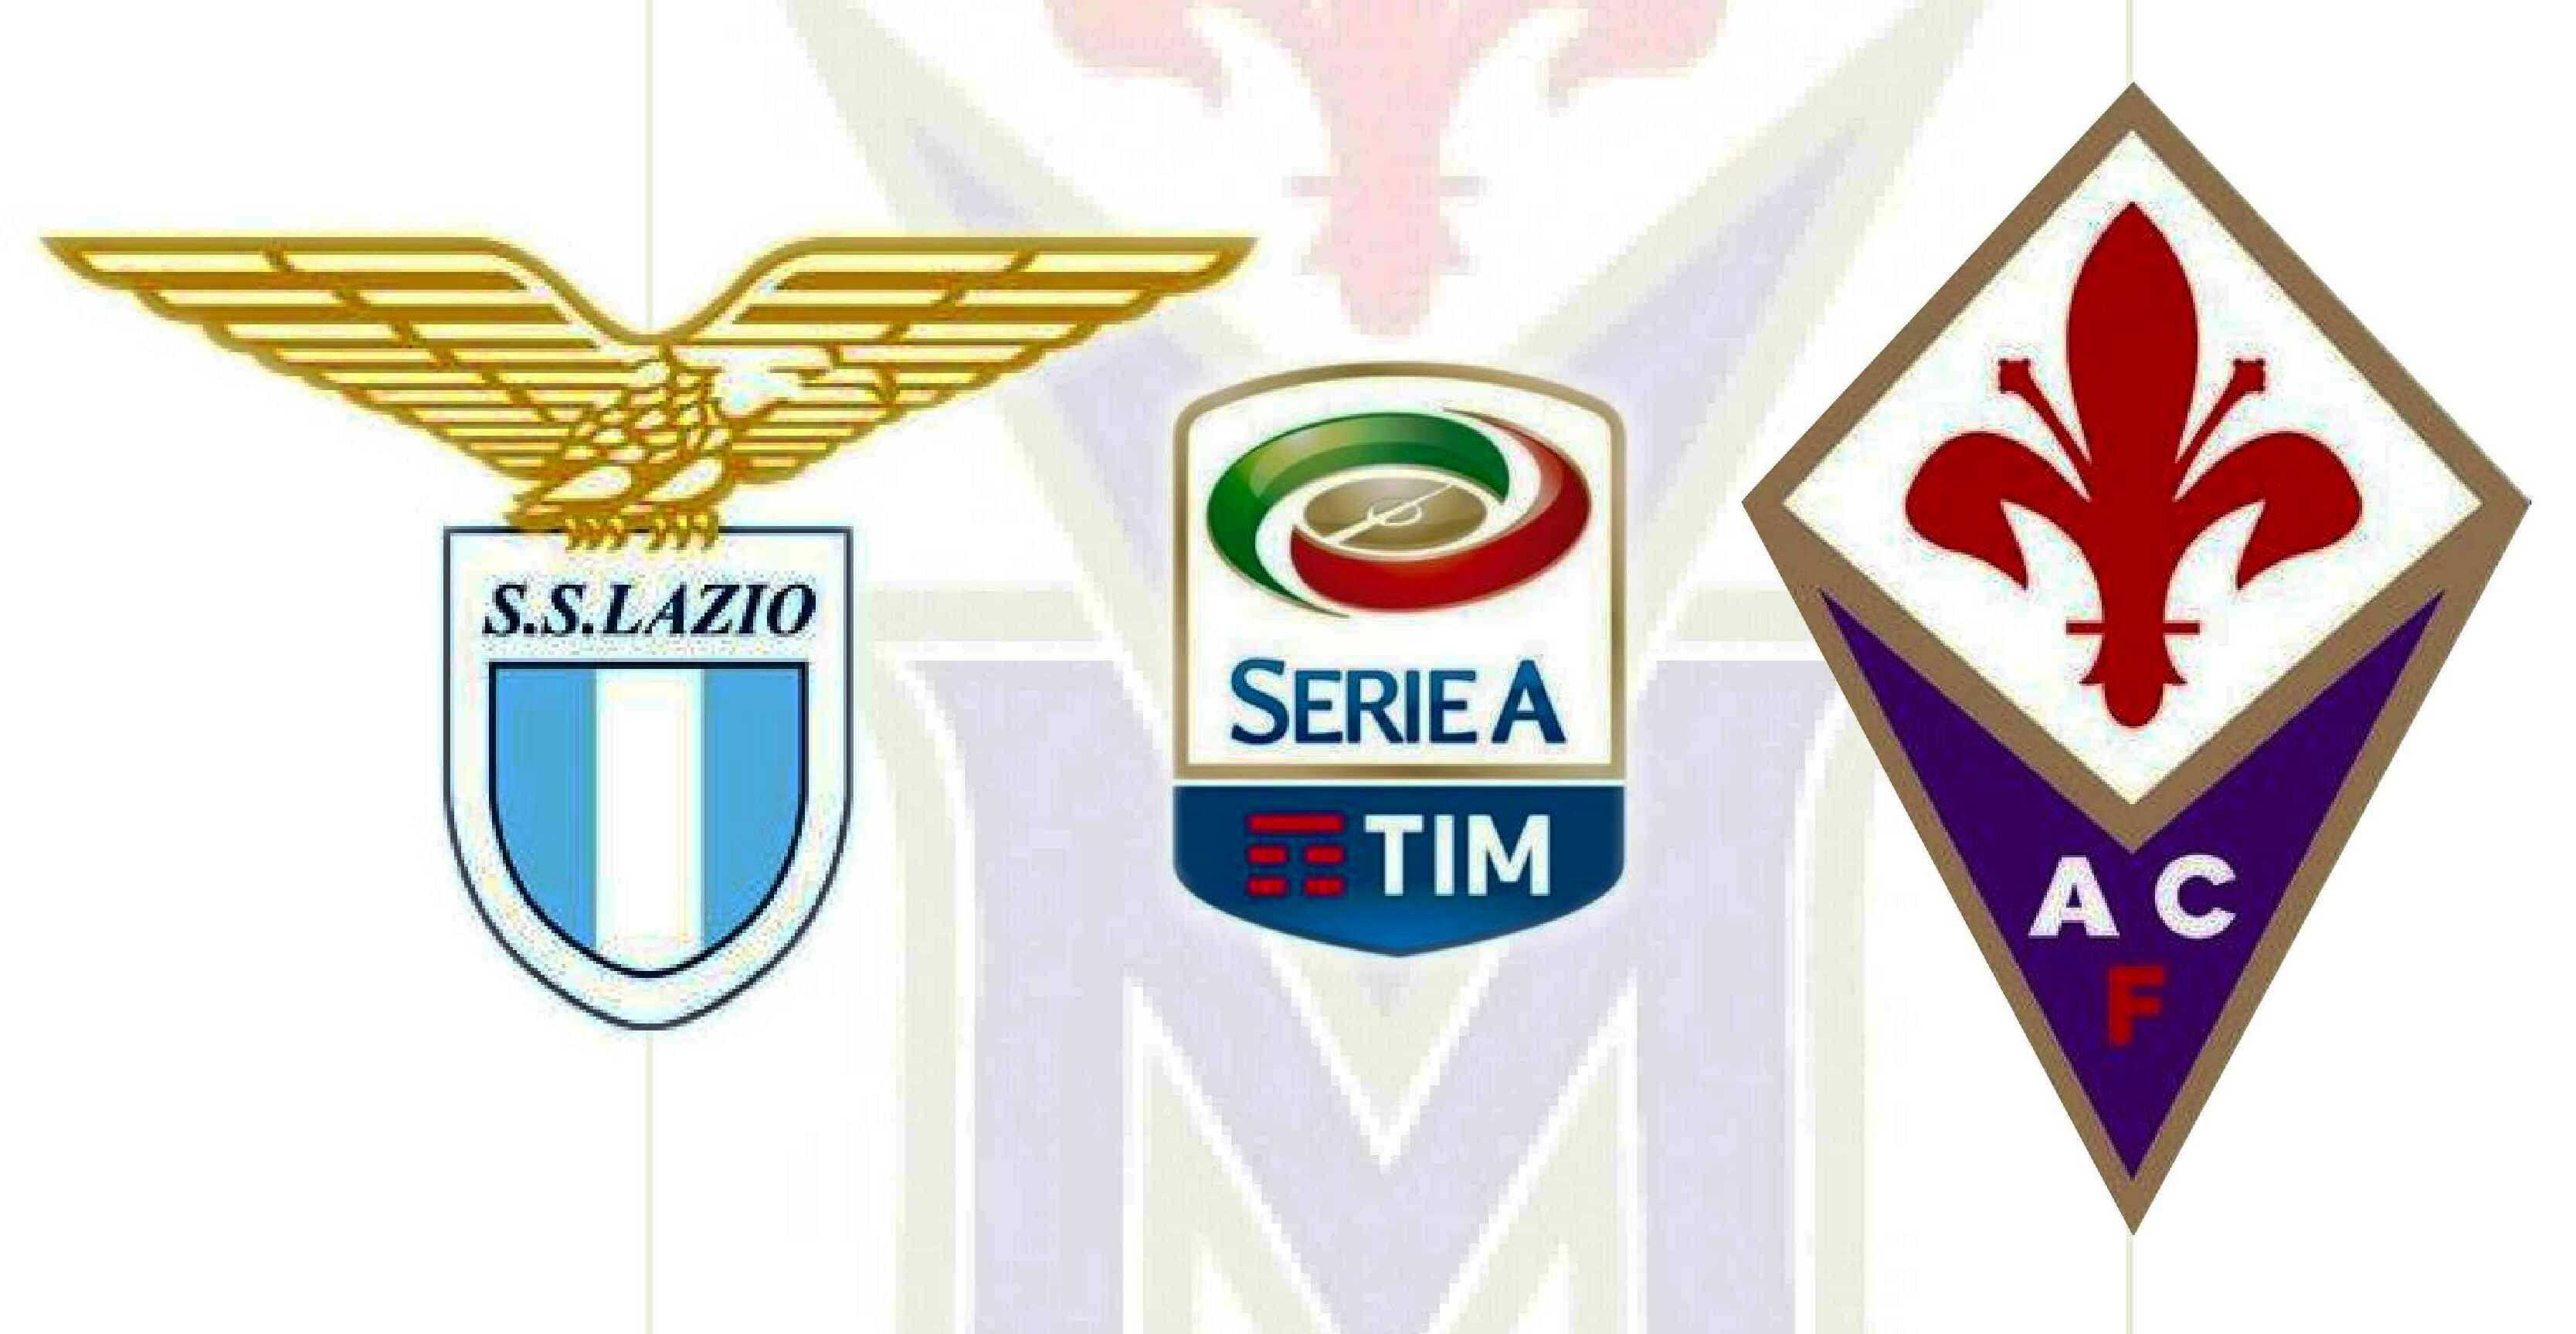 Lazio-Fiorentina: probabile pareggio per i bookmakers